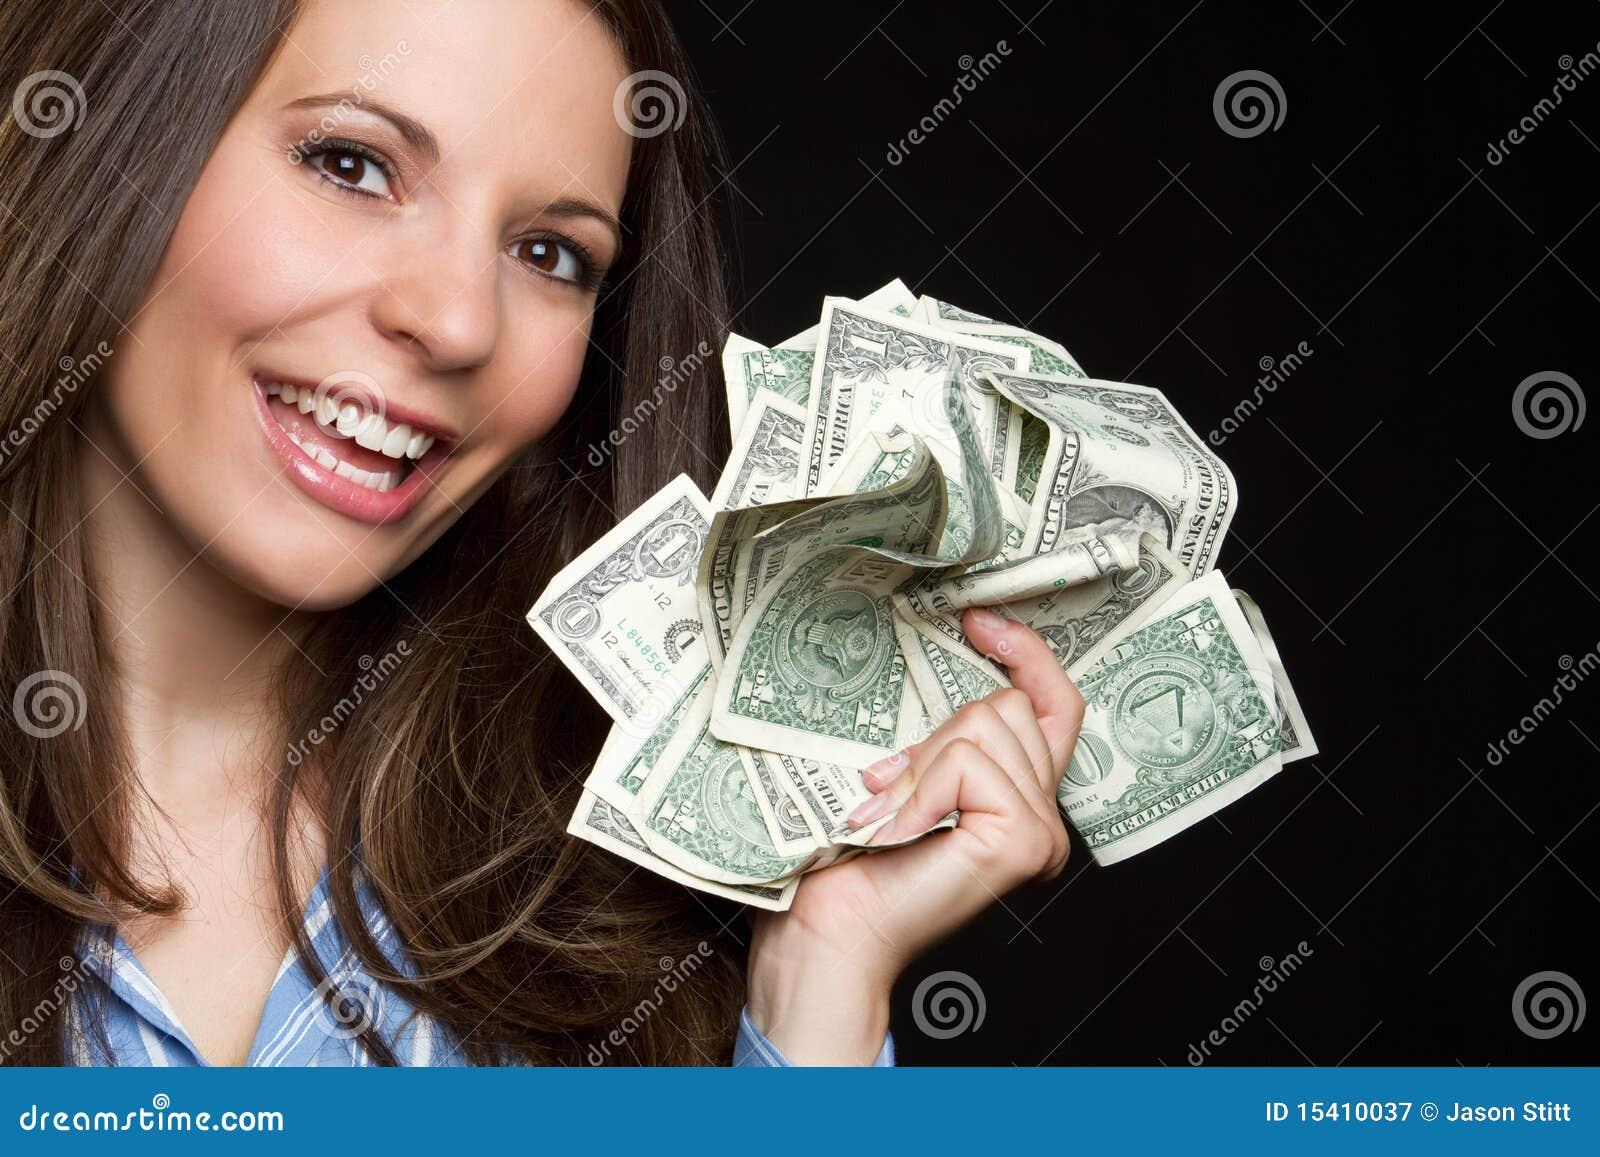 Уборщица дала за деньги 4 фотография